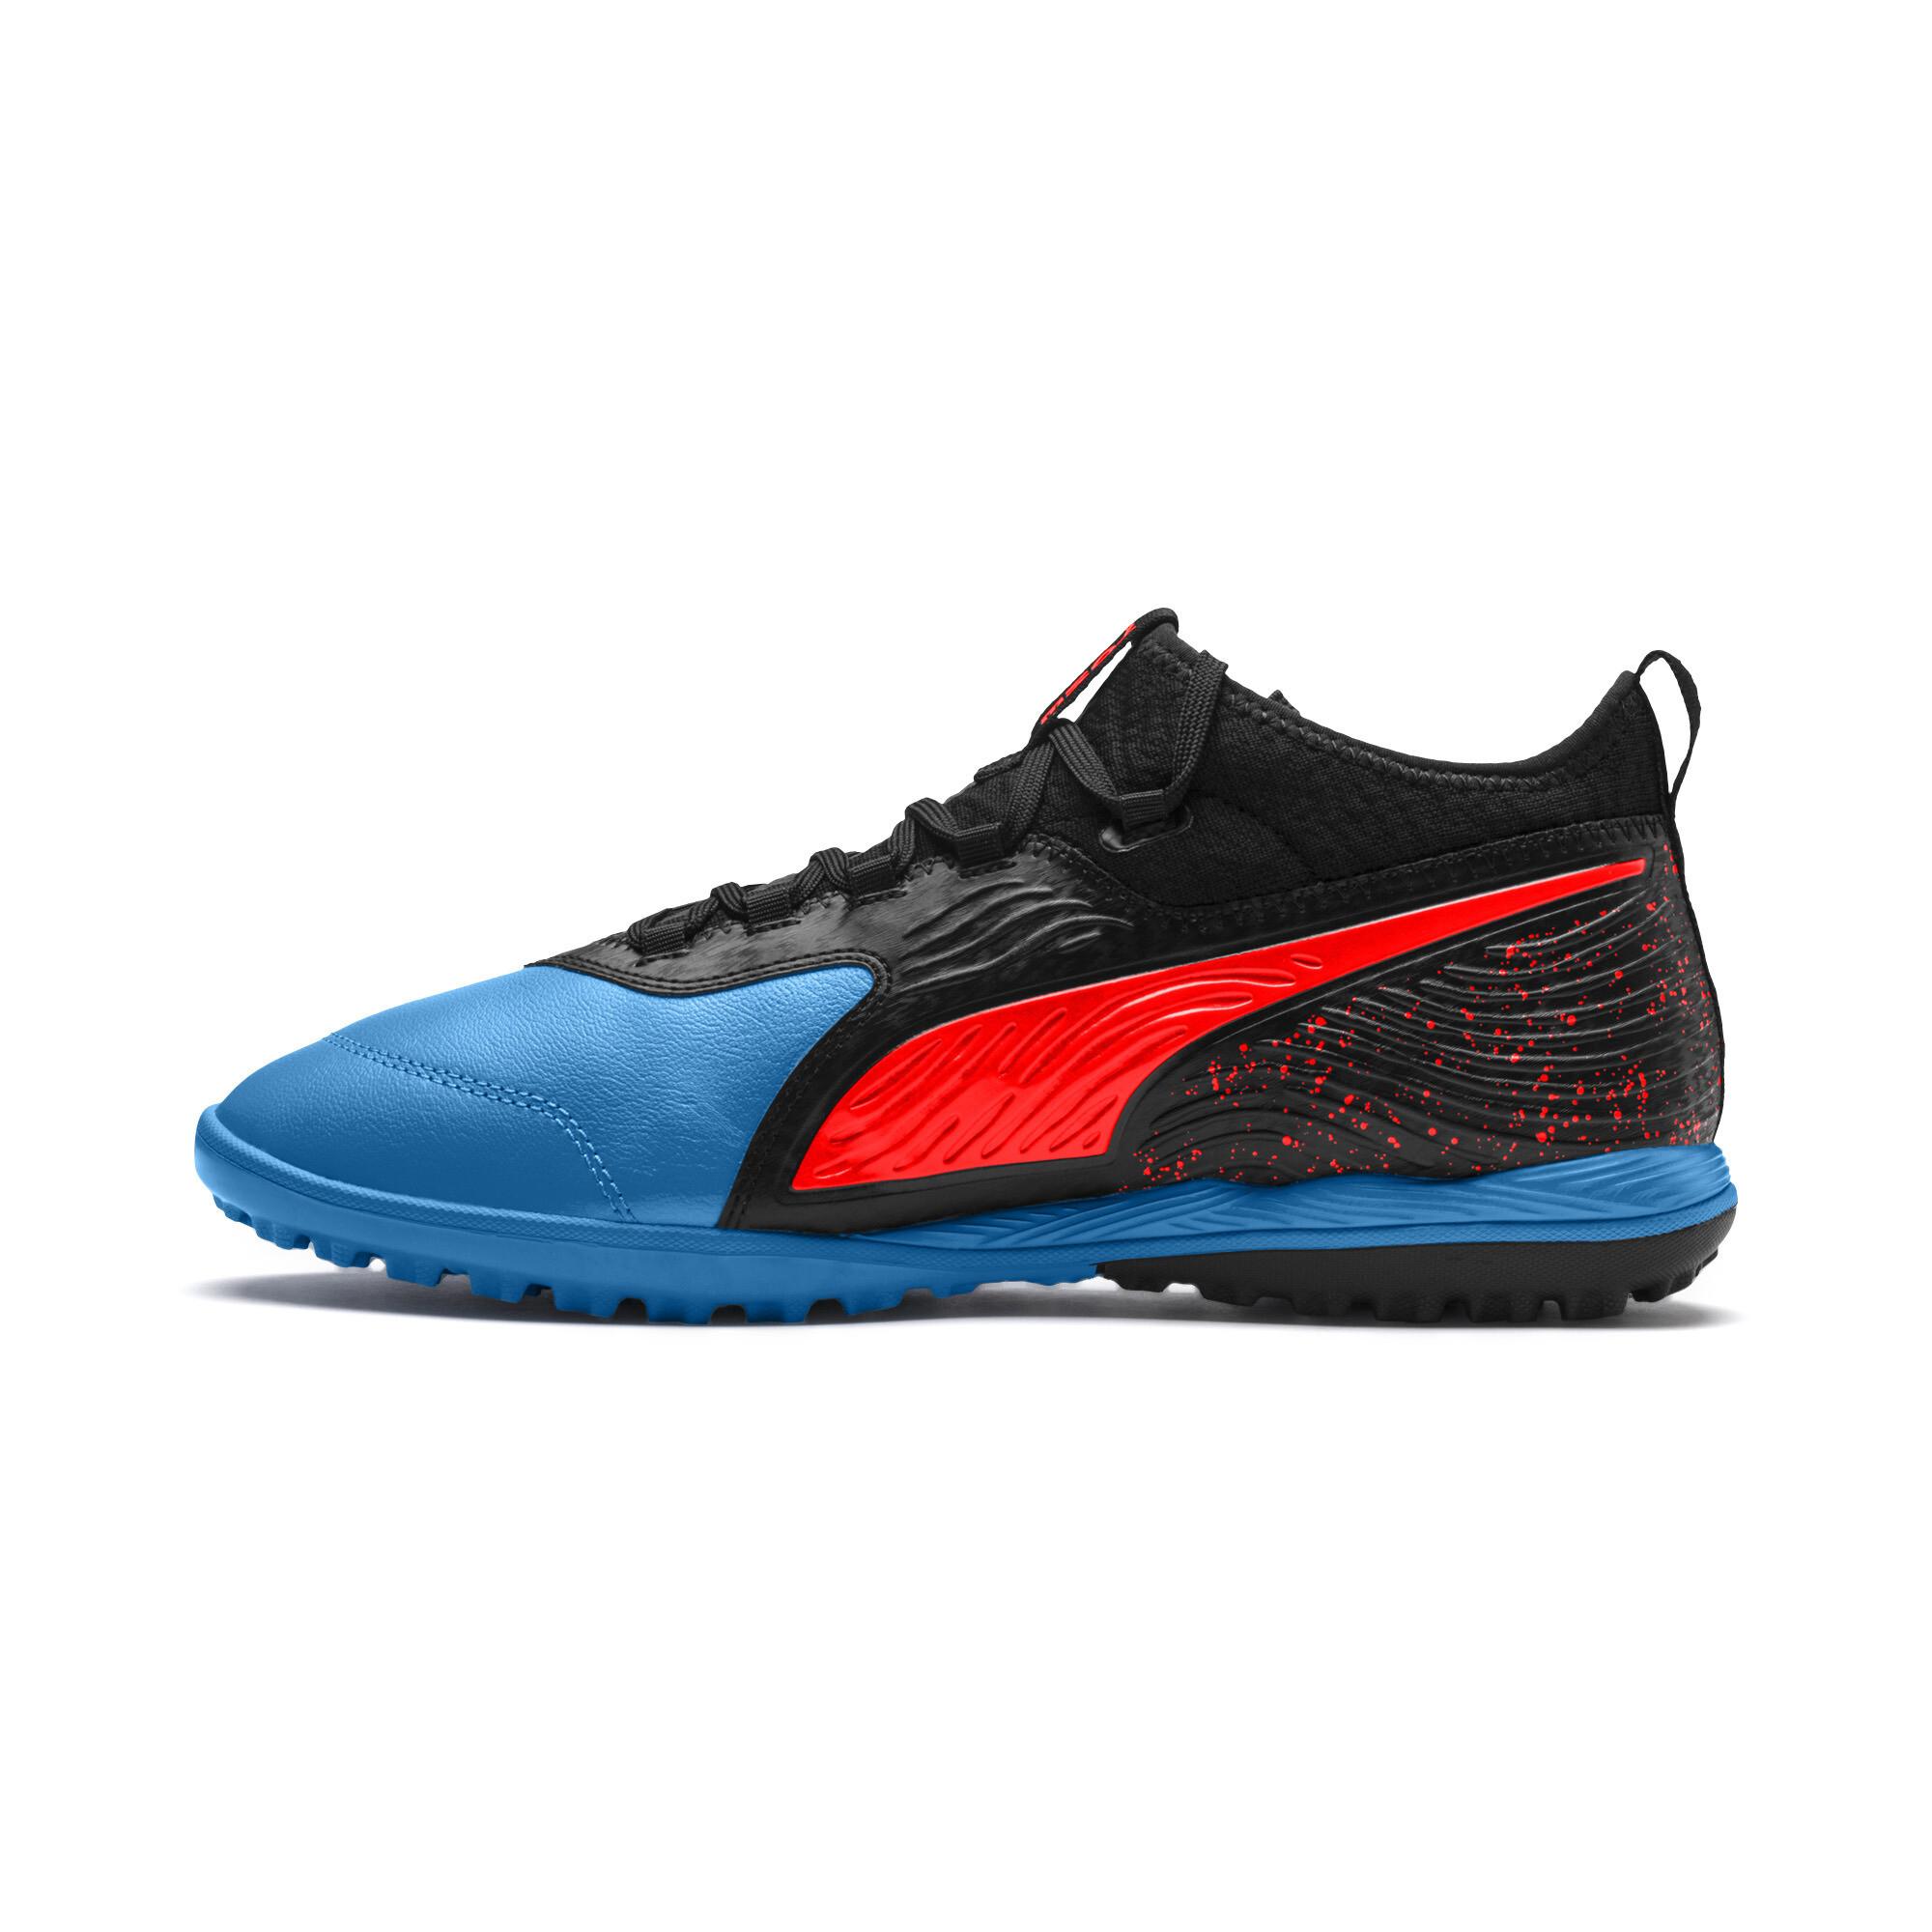 803ad11c Спортивная обувь для футбола: мужские бутсы, футзалки и сороконожки PUMA